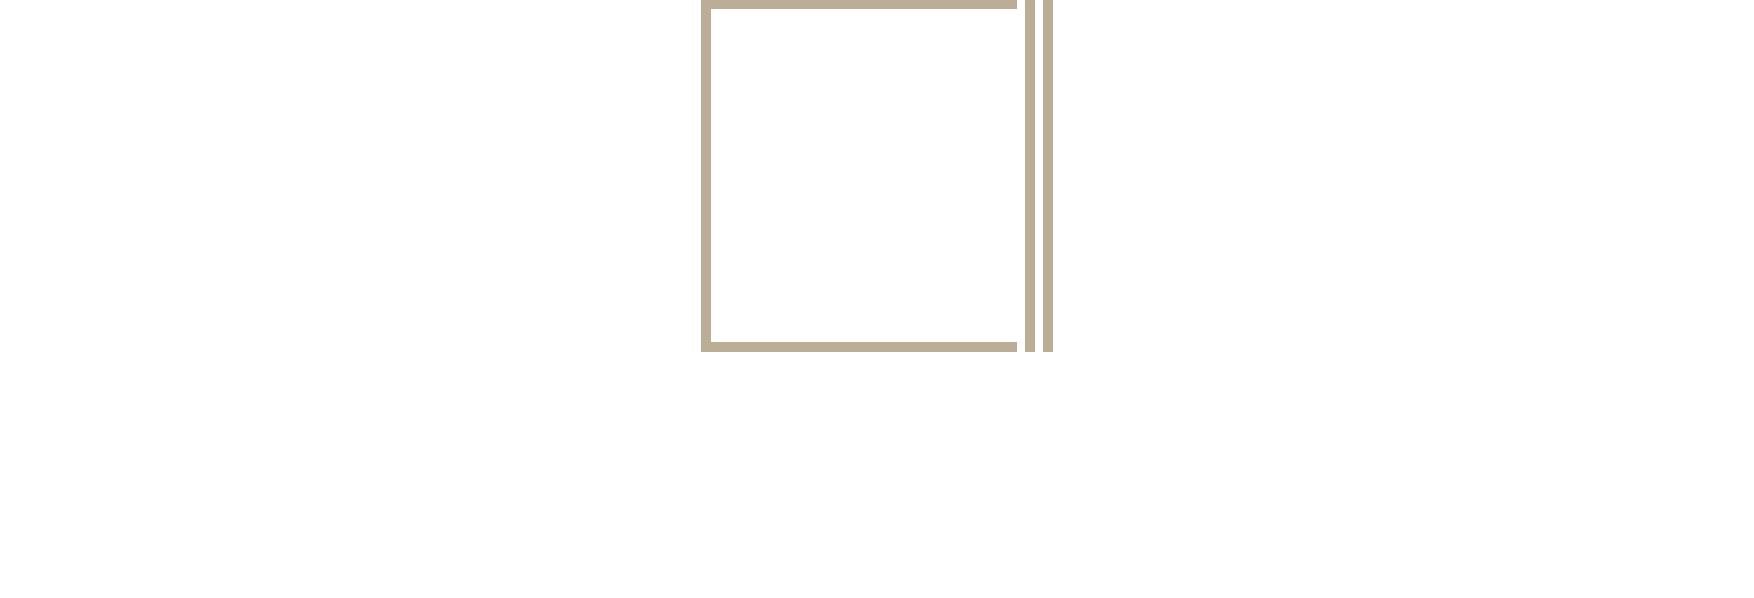 Compagnia Immobiliare italiana